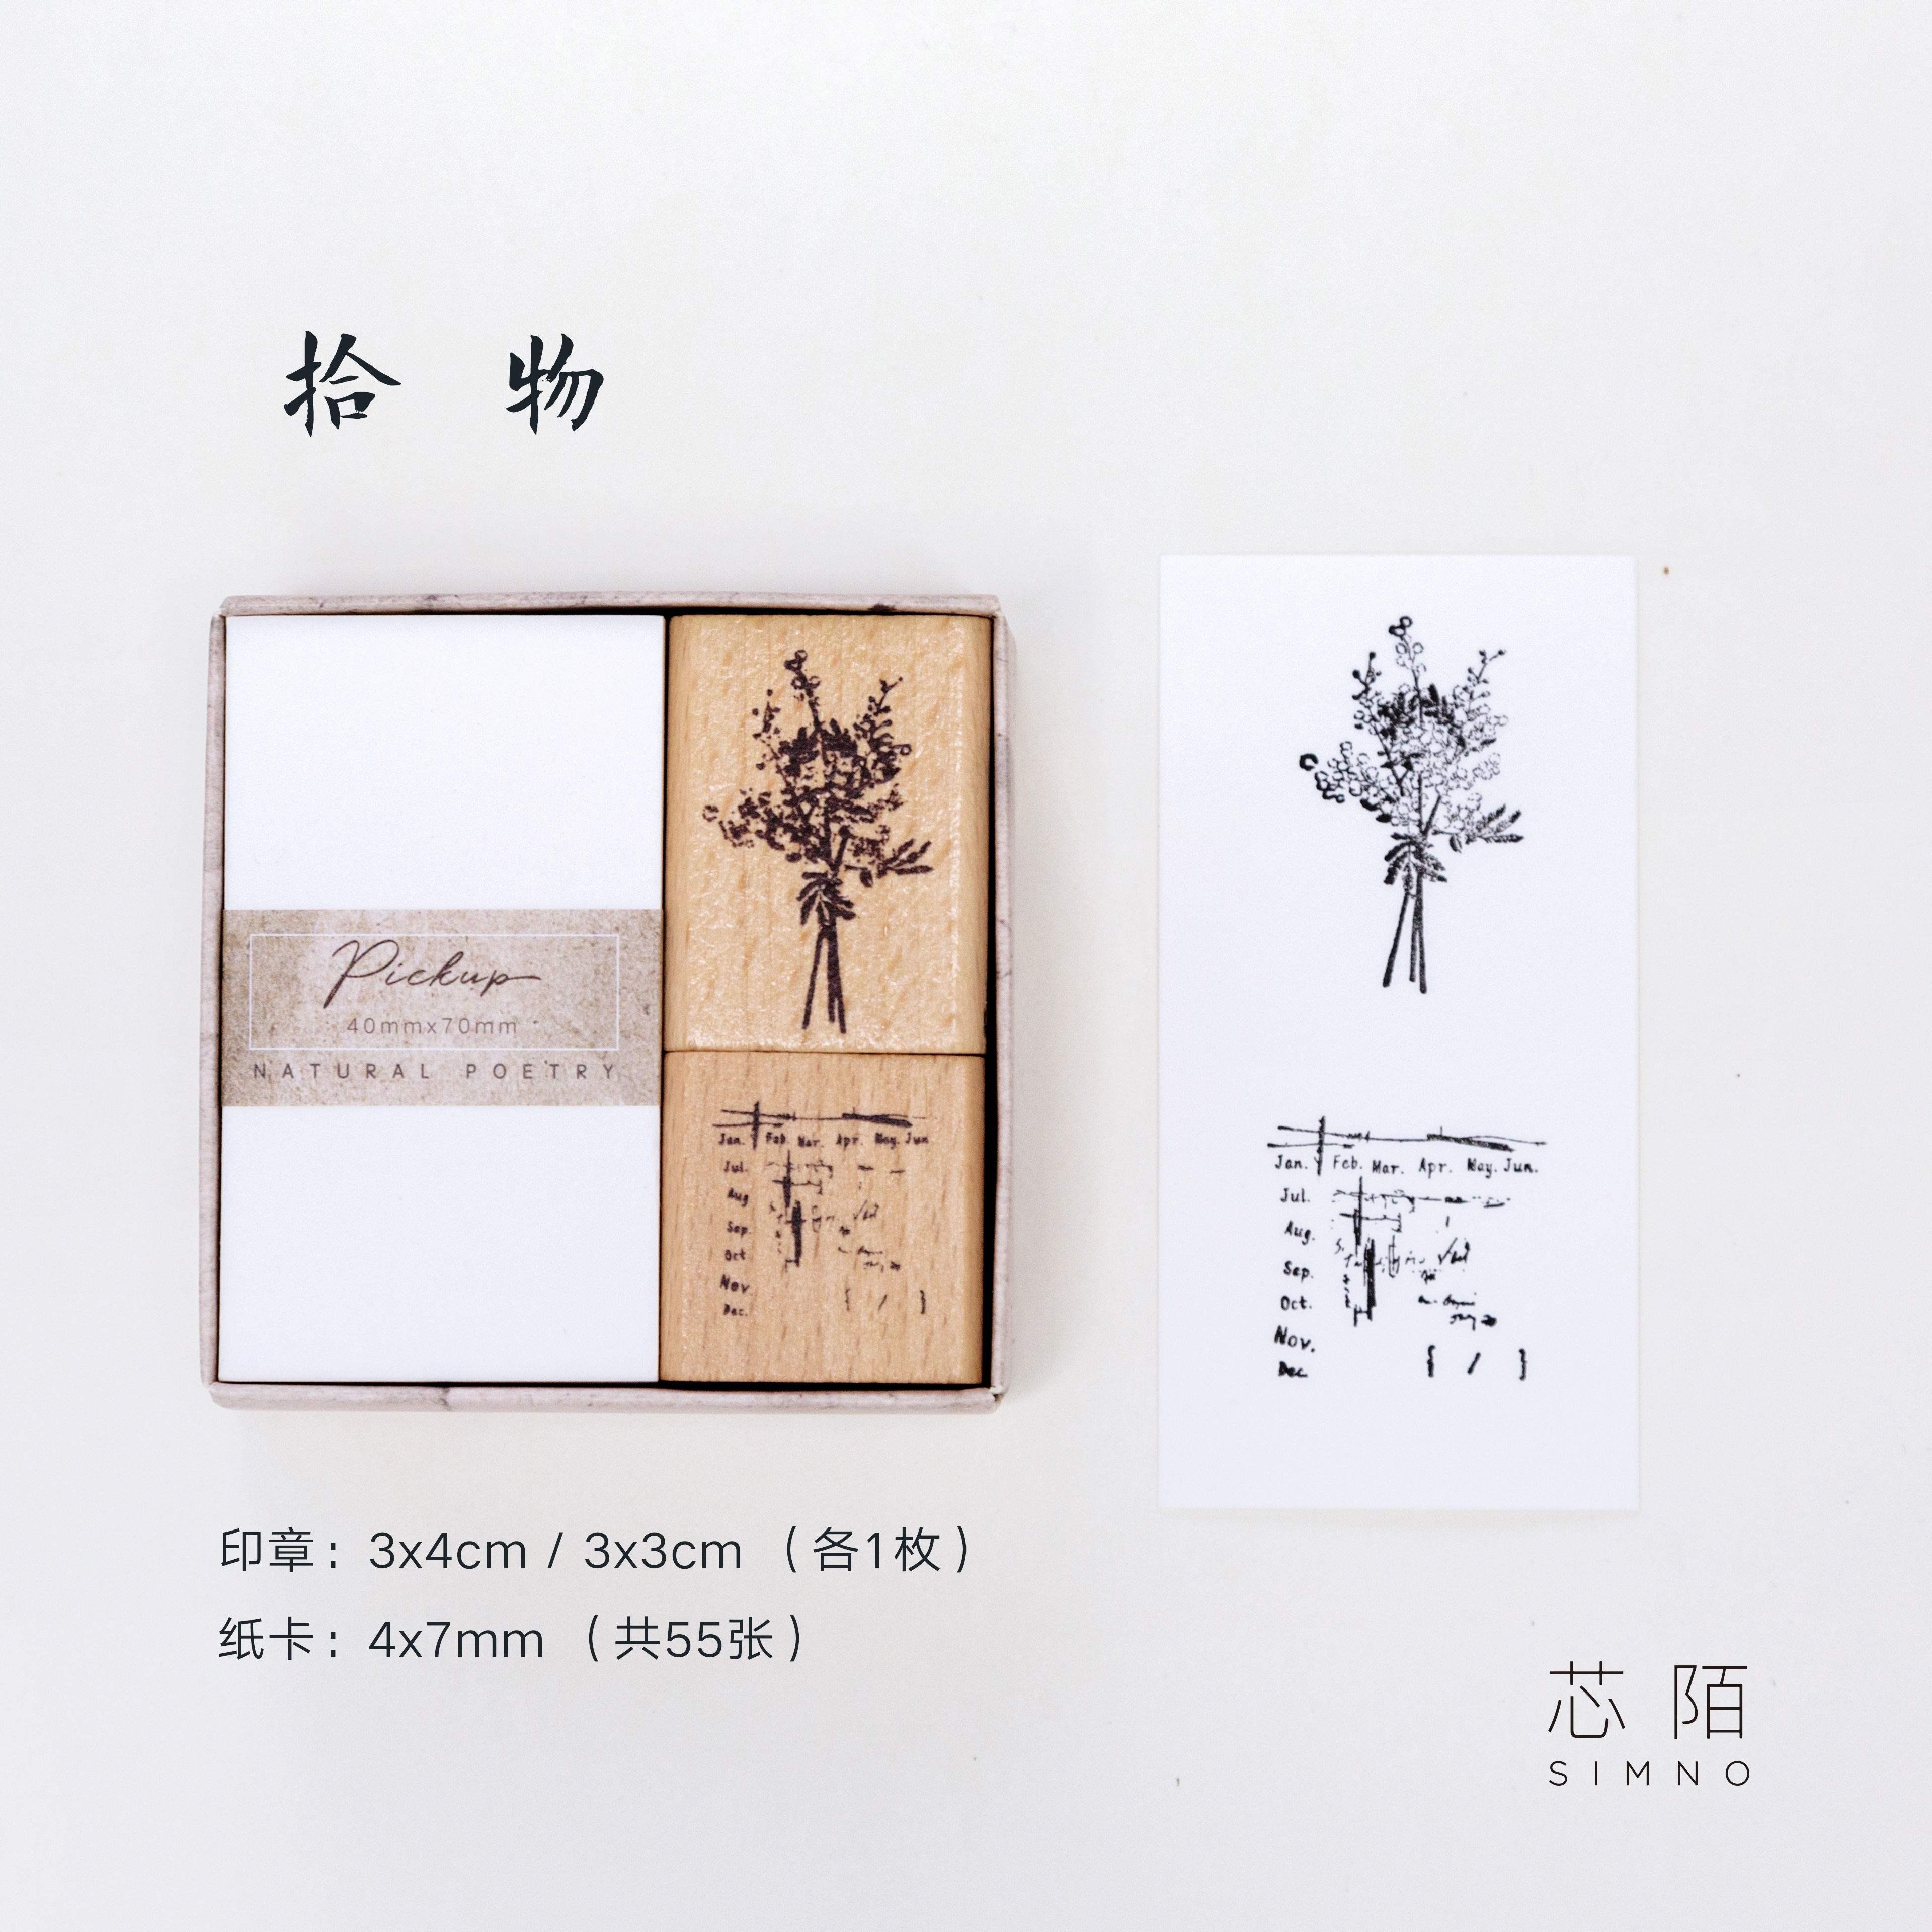 芯陌 自然拾物集系列木质印章套装 飞鸟花朵植物星球手账装饰工具